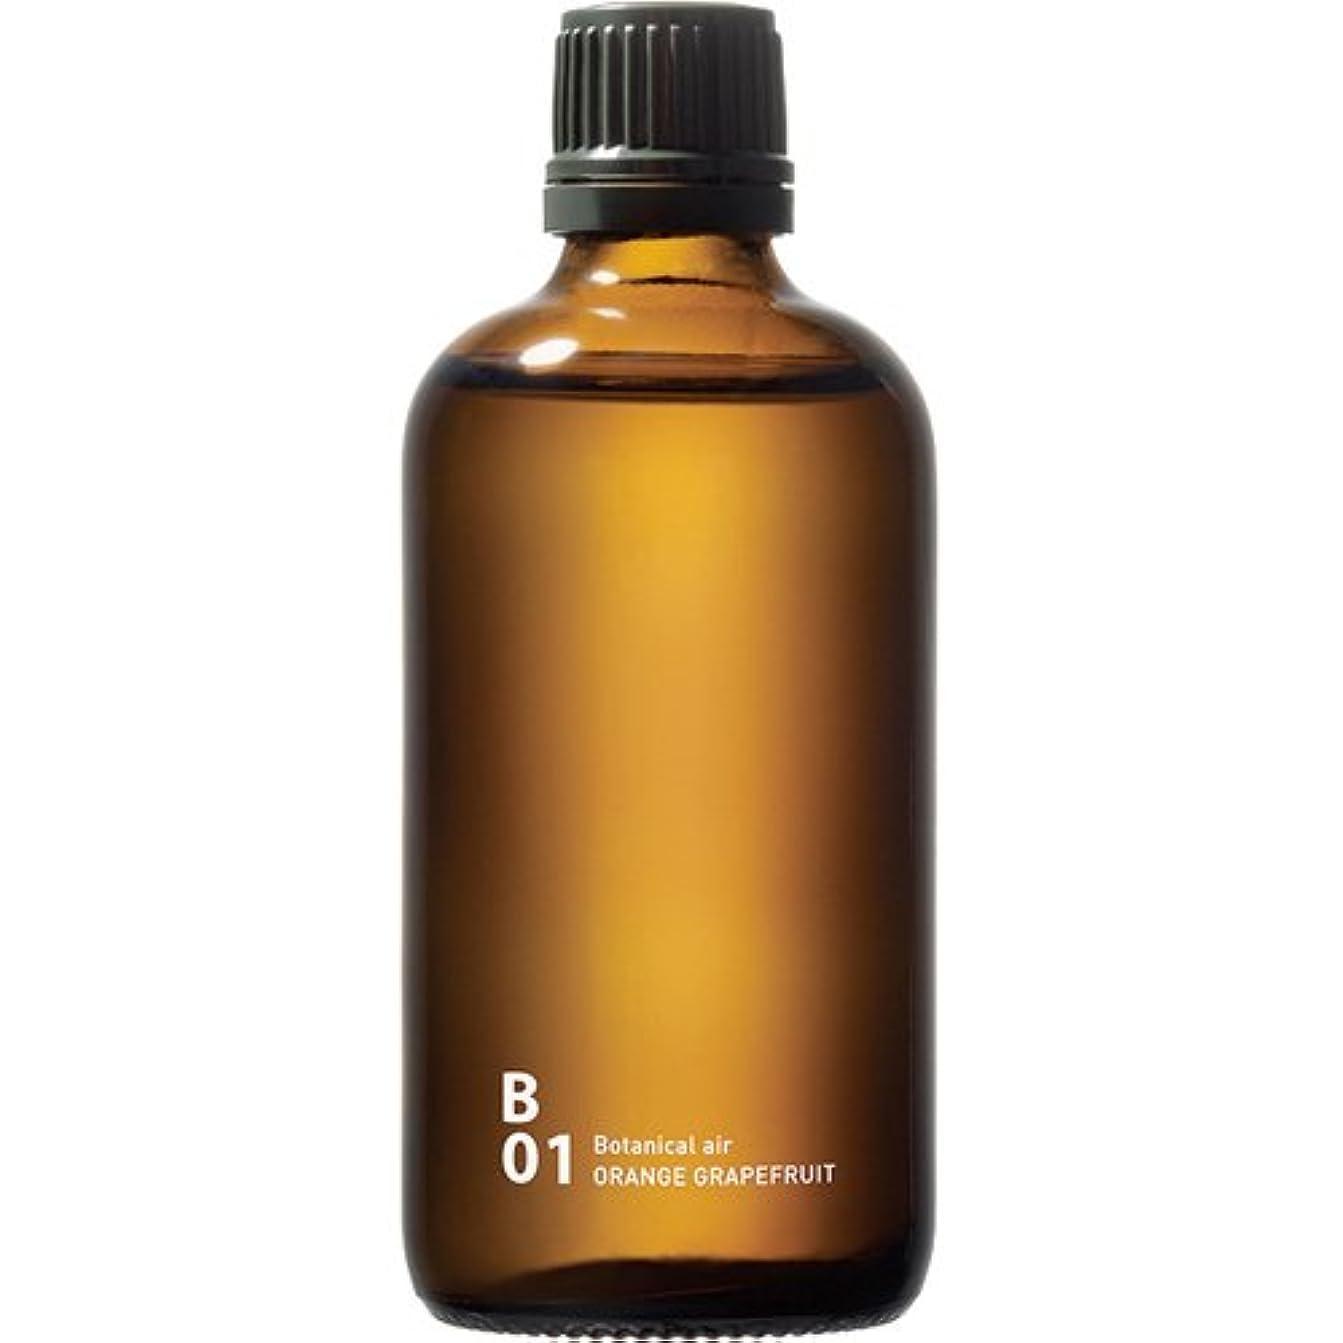 ミルチャールズキージング劇的B01 ORANGE GRAPEFRUIT piezo aroma oil 100ml